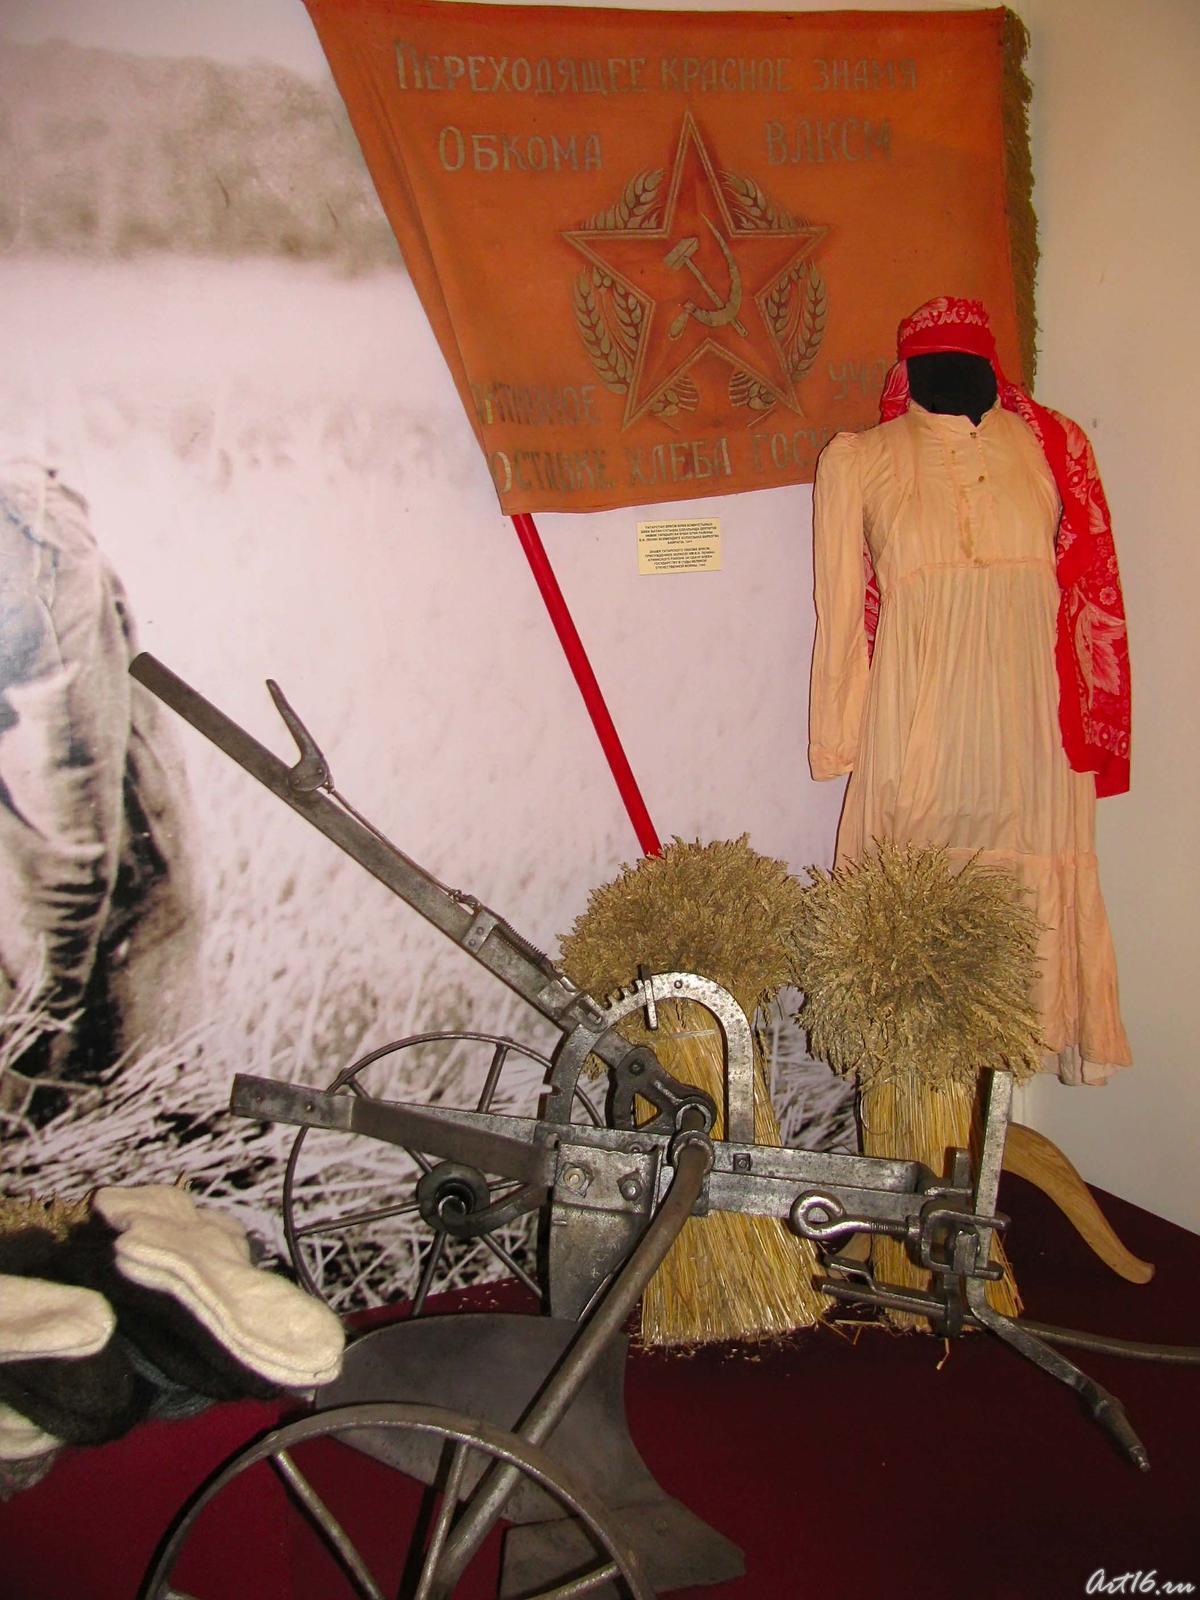 Фото №56566. На стене - знамя Государственного комитета обороны, врученное